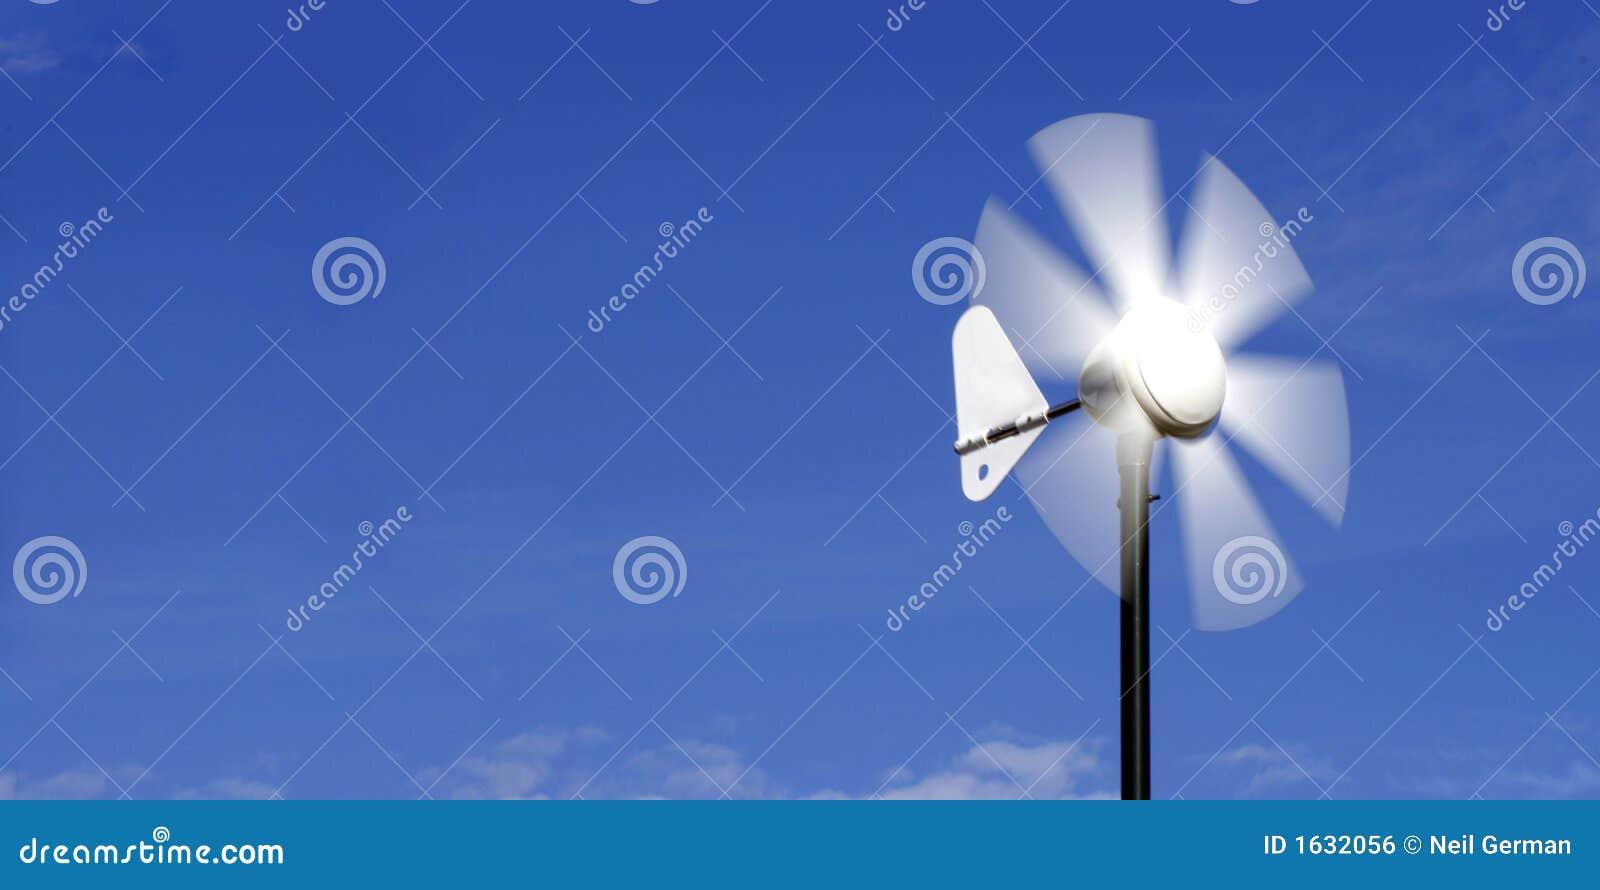 Wiatr energii alternatywnej vane.